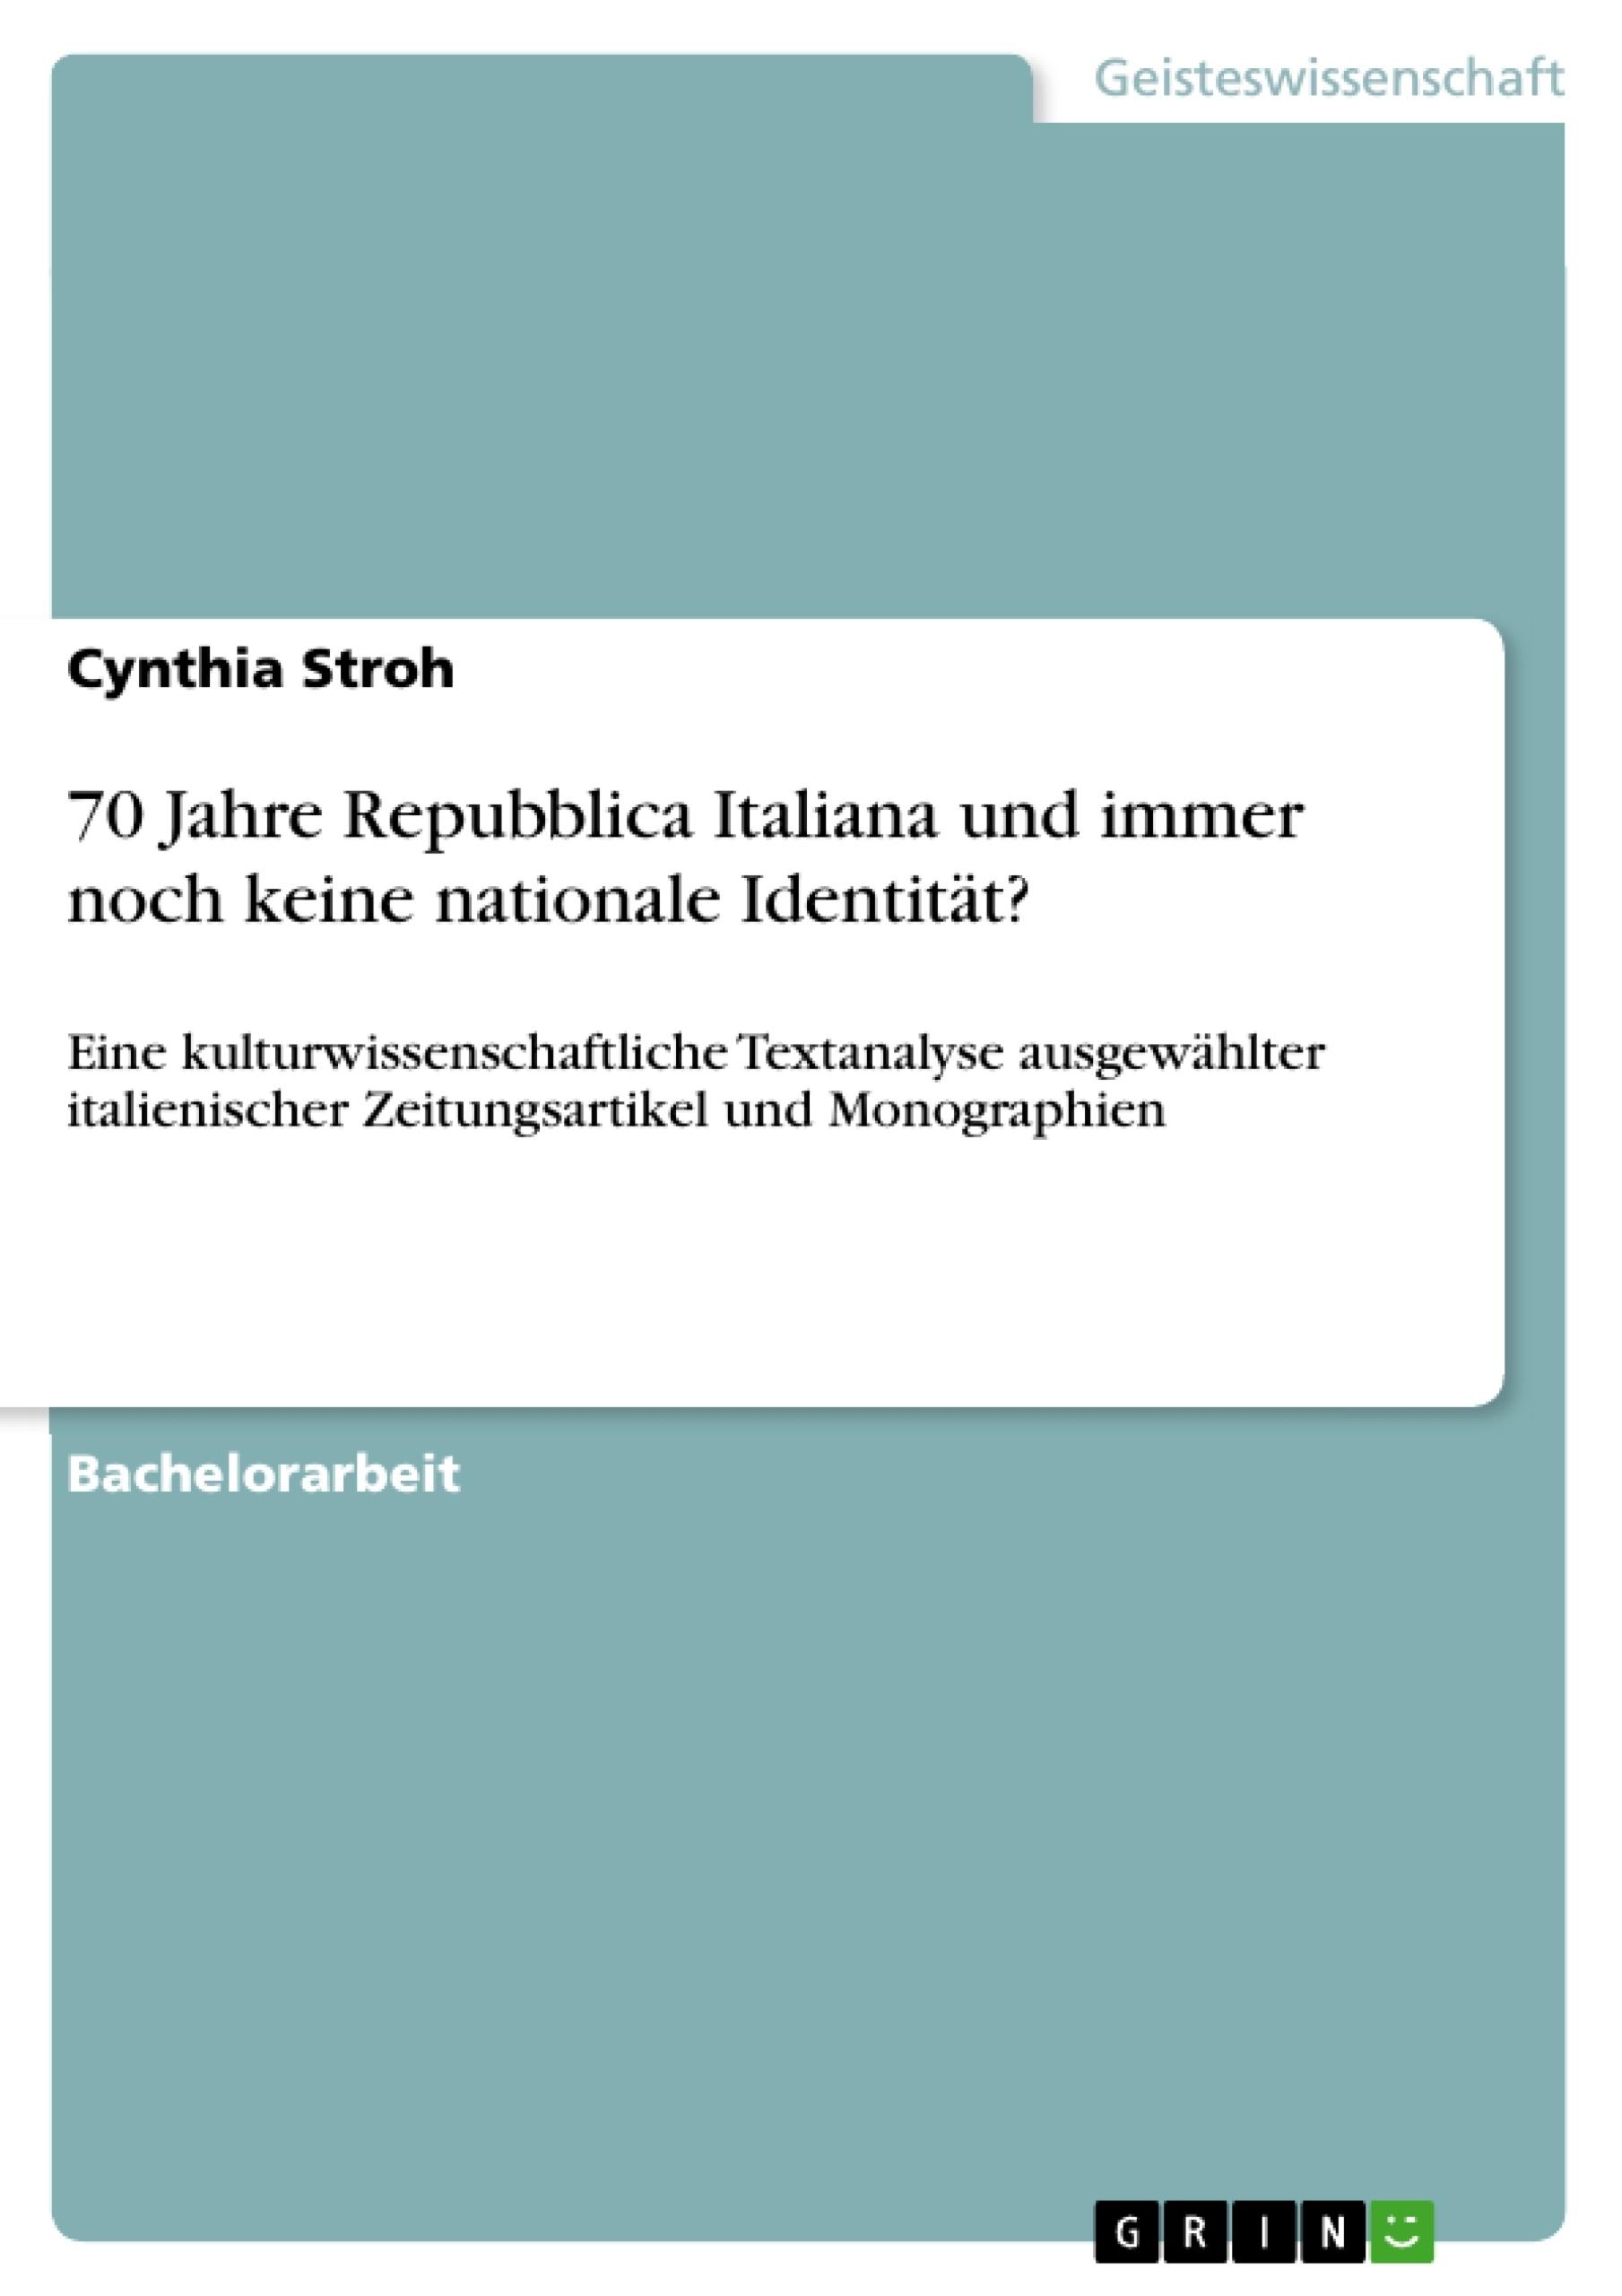 Titel: 70 Jahre Repubblica Italiana und immer noch keine nationale Identität?